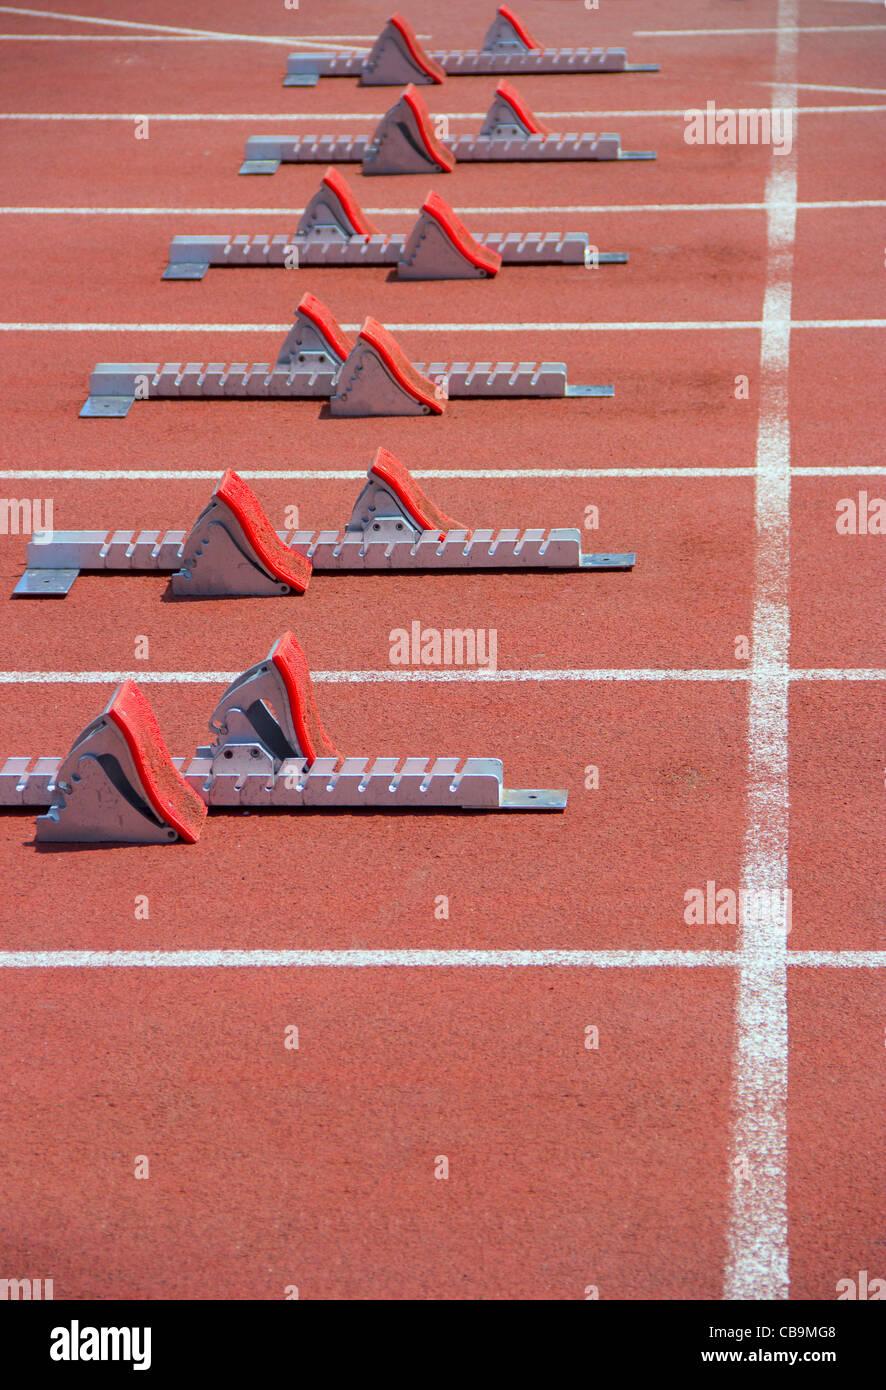 Los bloques de arranque de atletismo en una pista de atletismo de color rojo en el estadio. Imagen De Stock